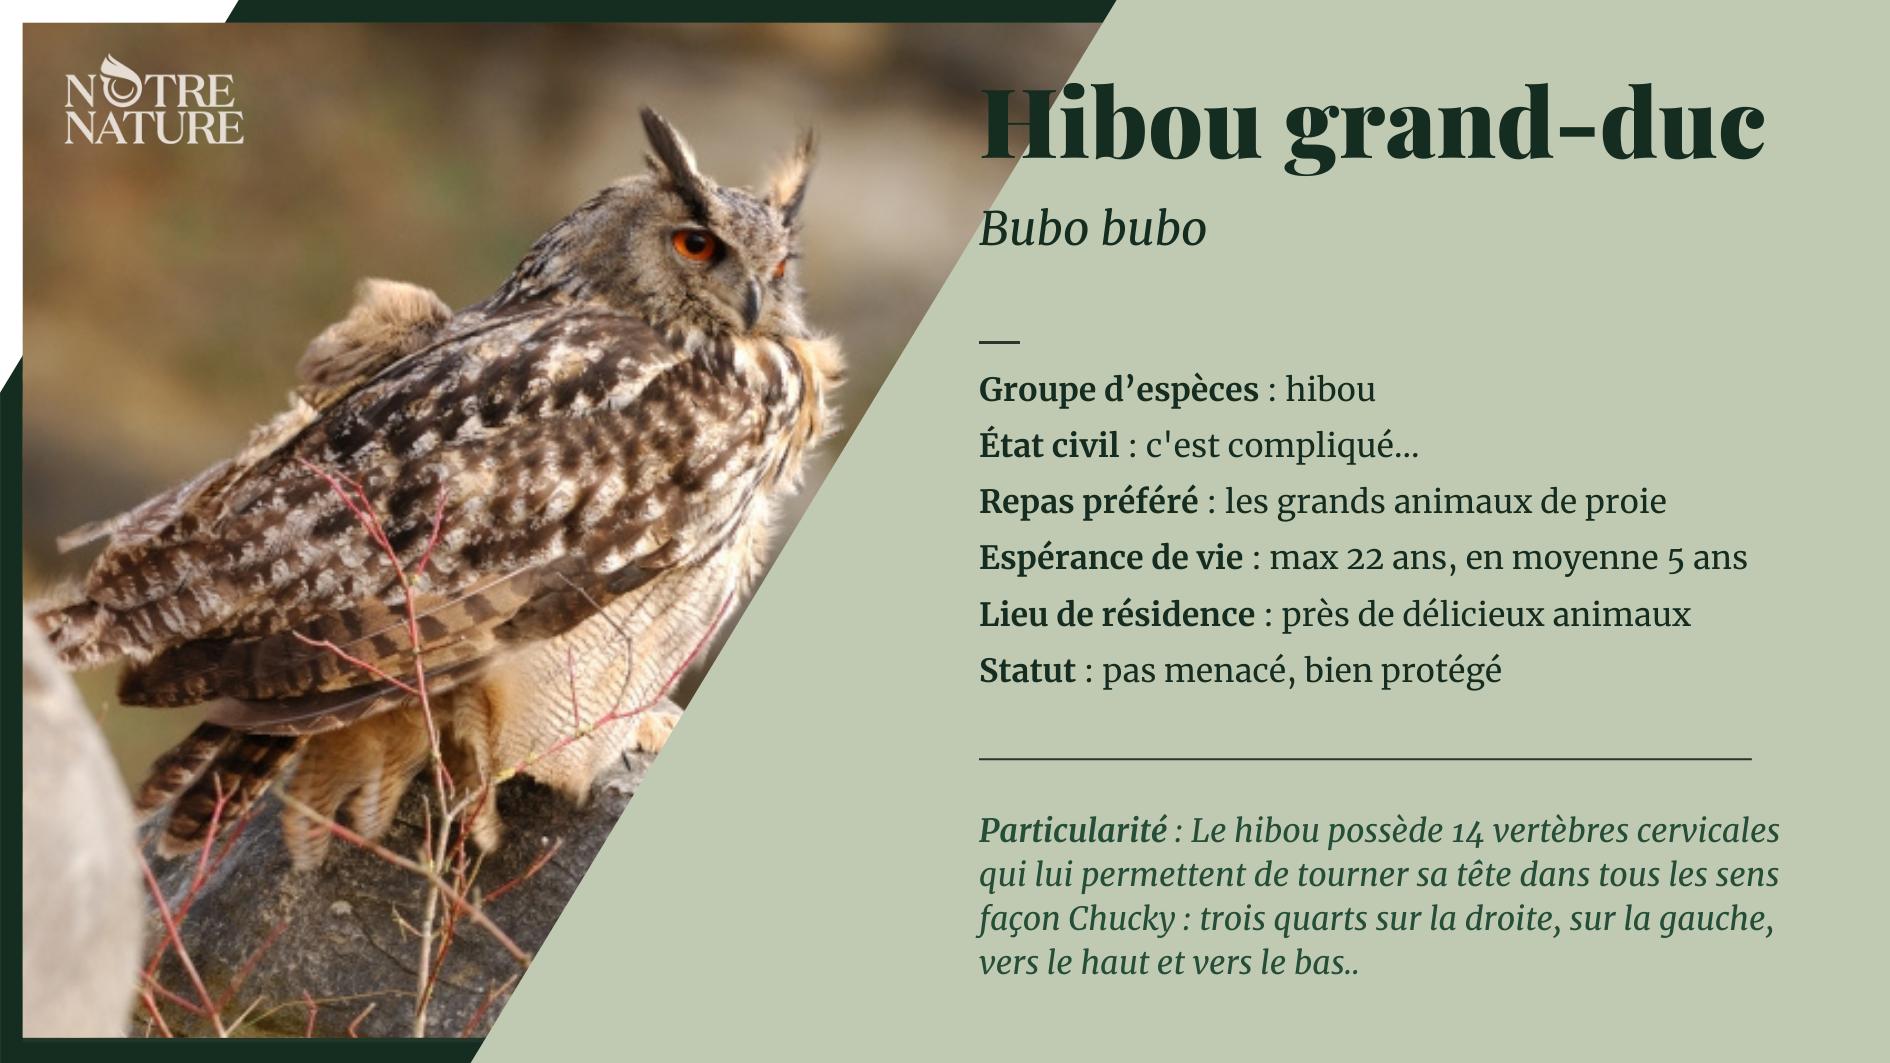 fiche-hibou-grand-duc-fr.png